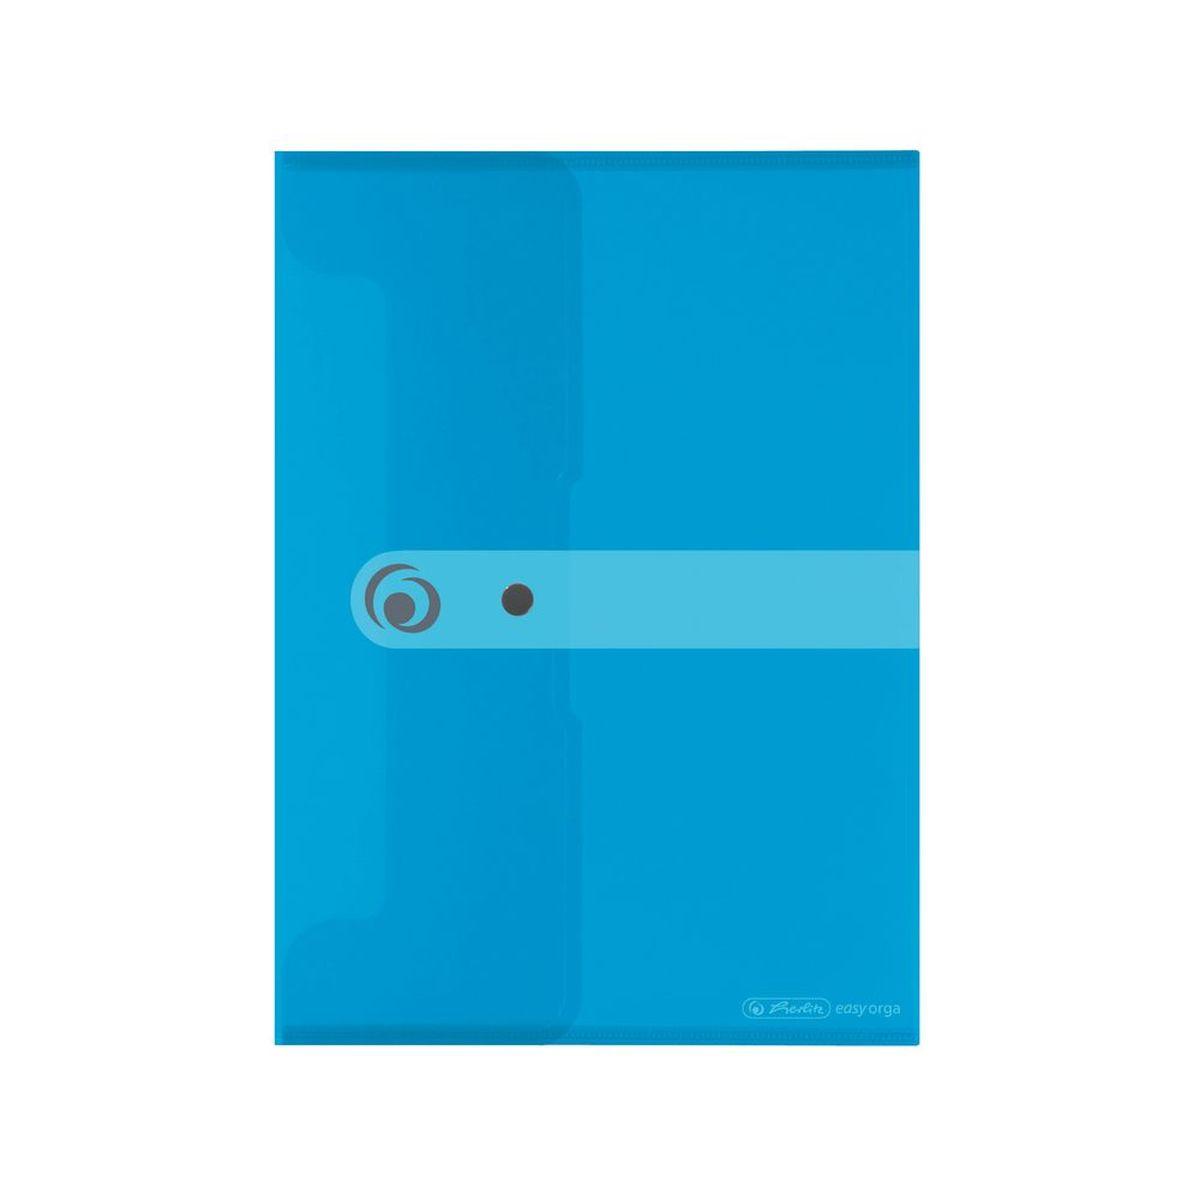 Herlitz Папка-конверт Easy orga формат A5 цвет синий